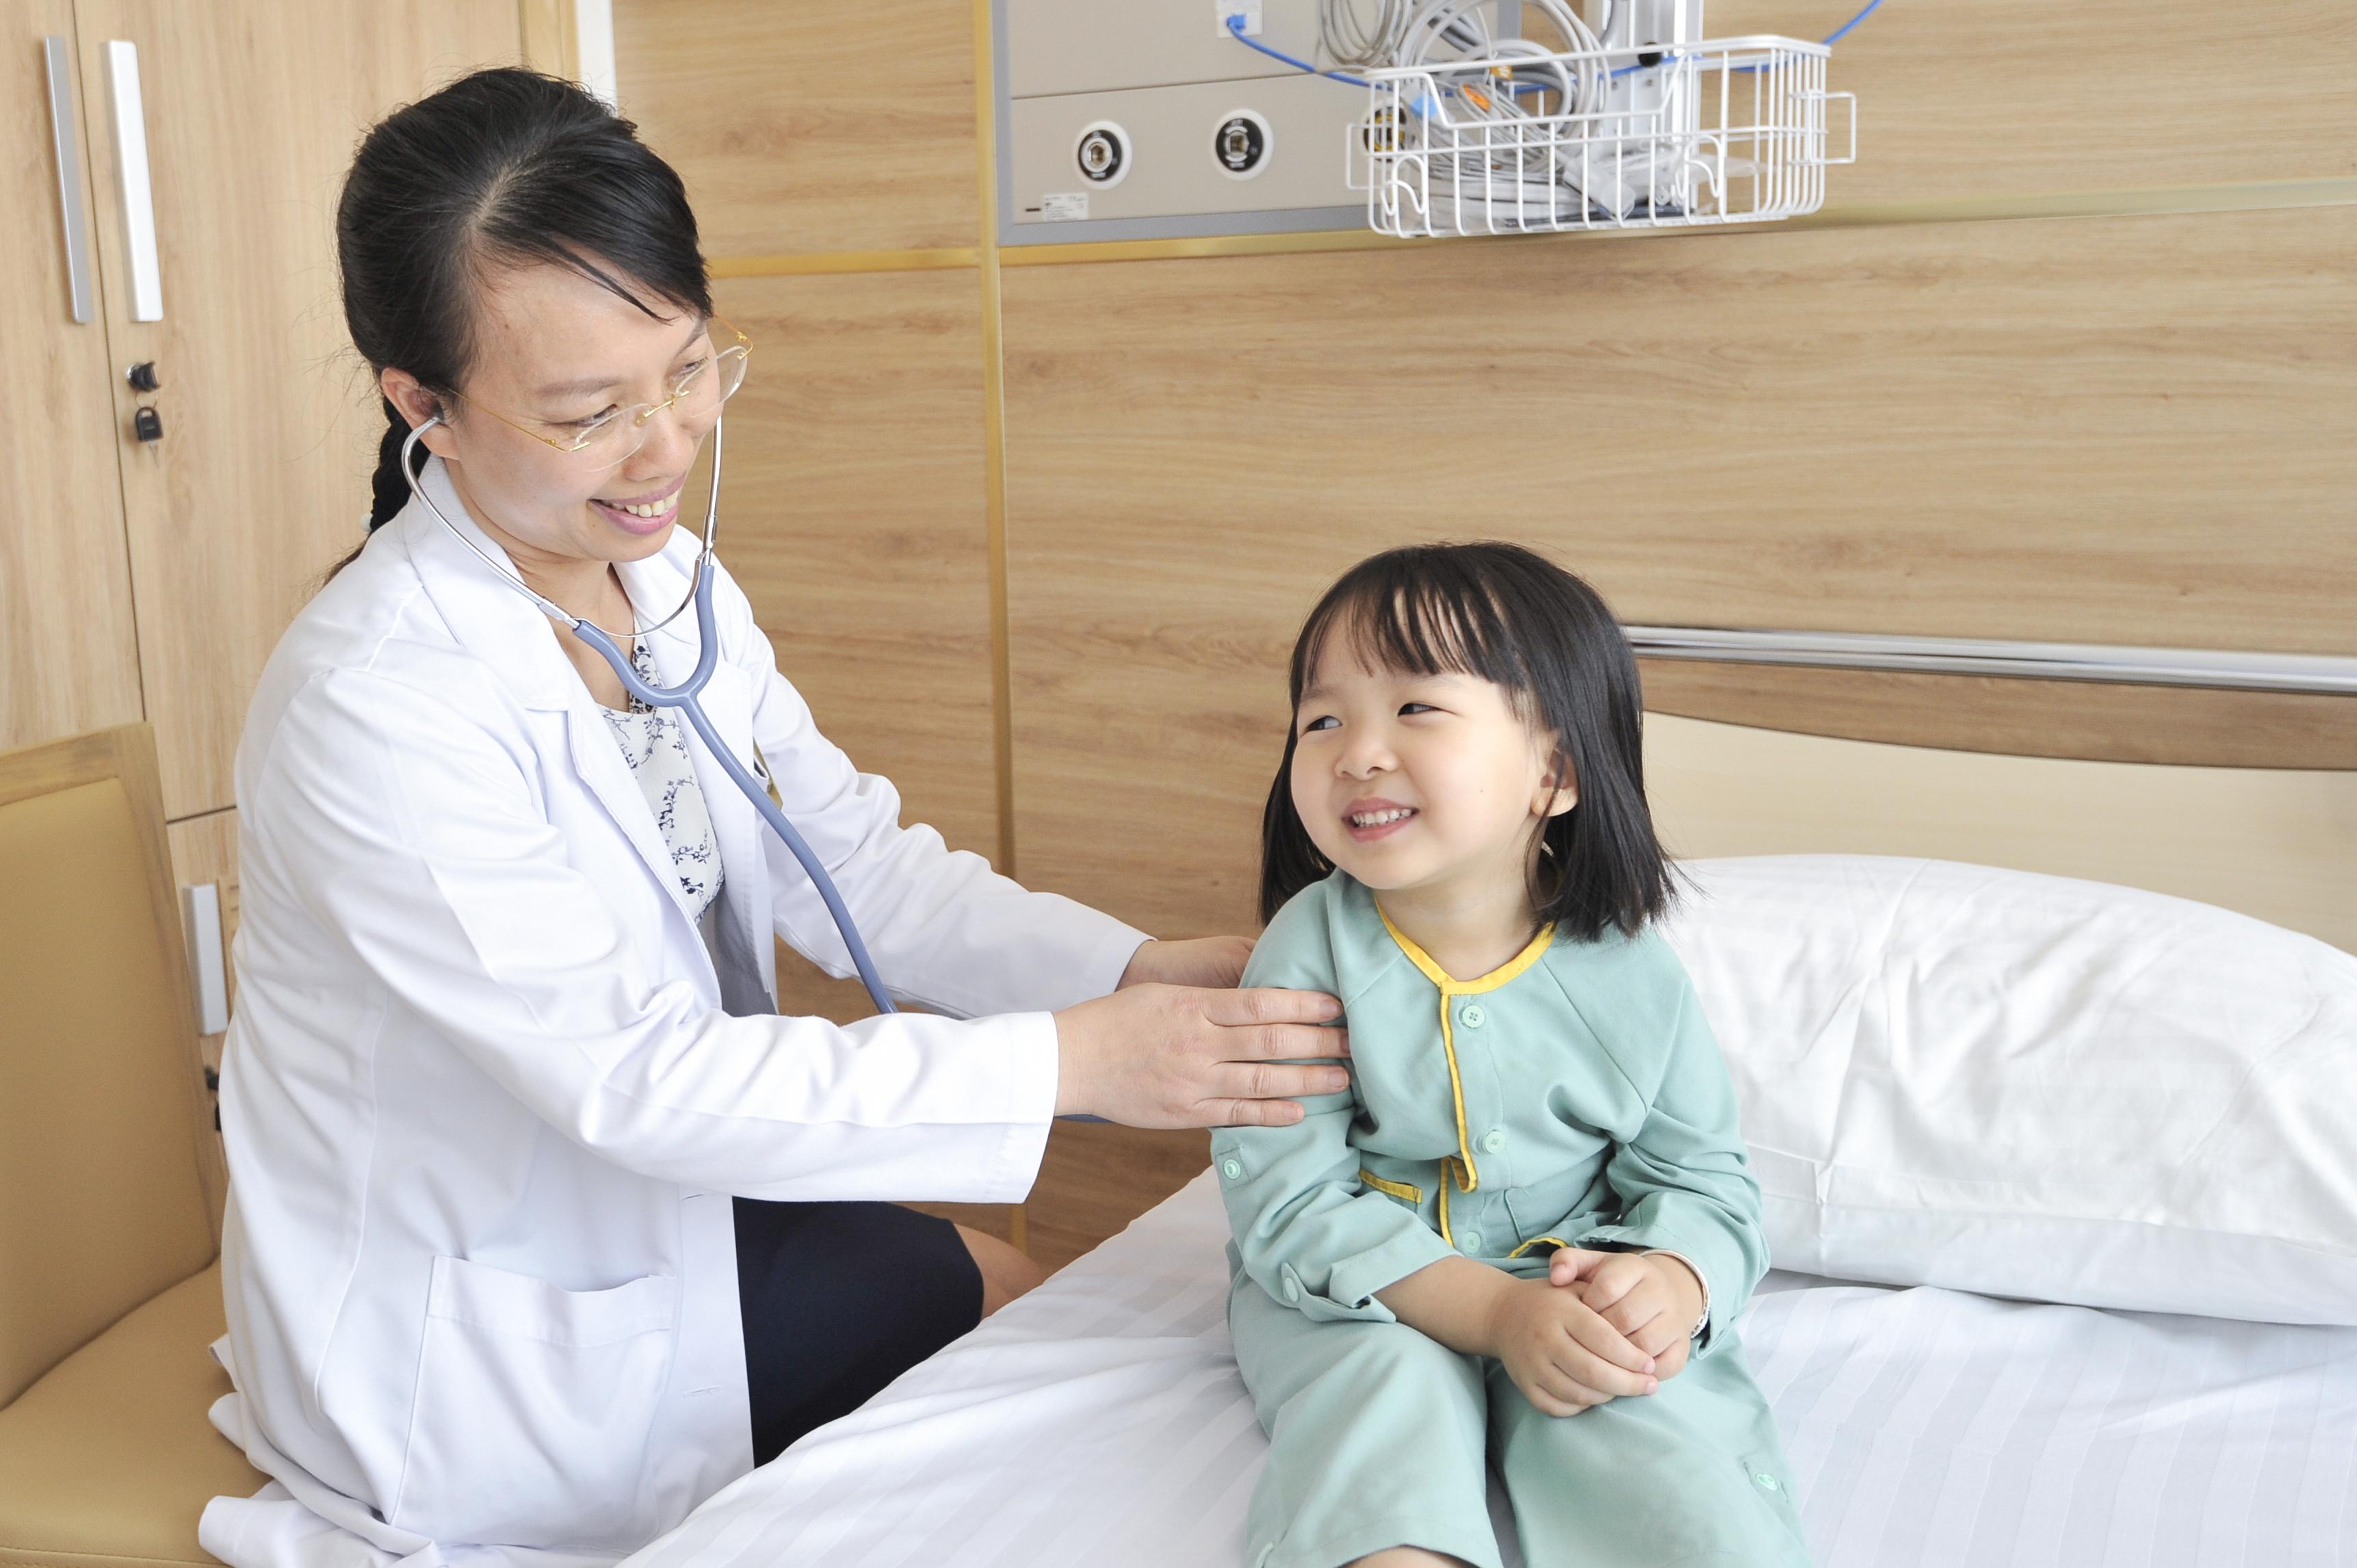 Giải đáp các thắc mắc của bố mẹ về bệnh hô hấp ở trẻ